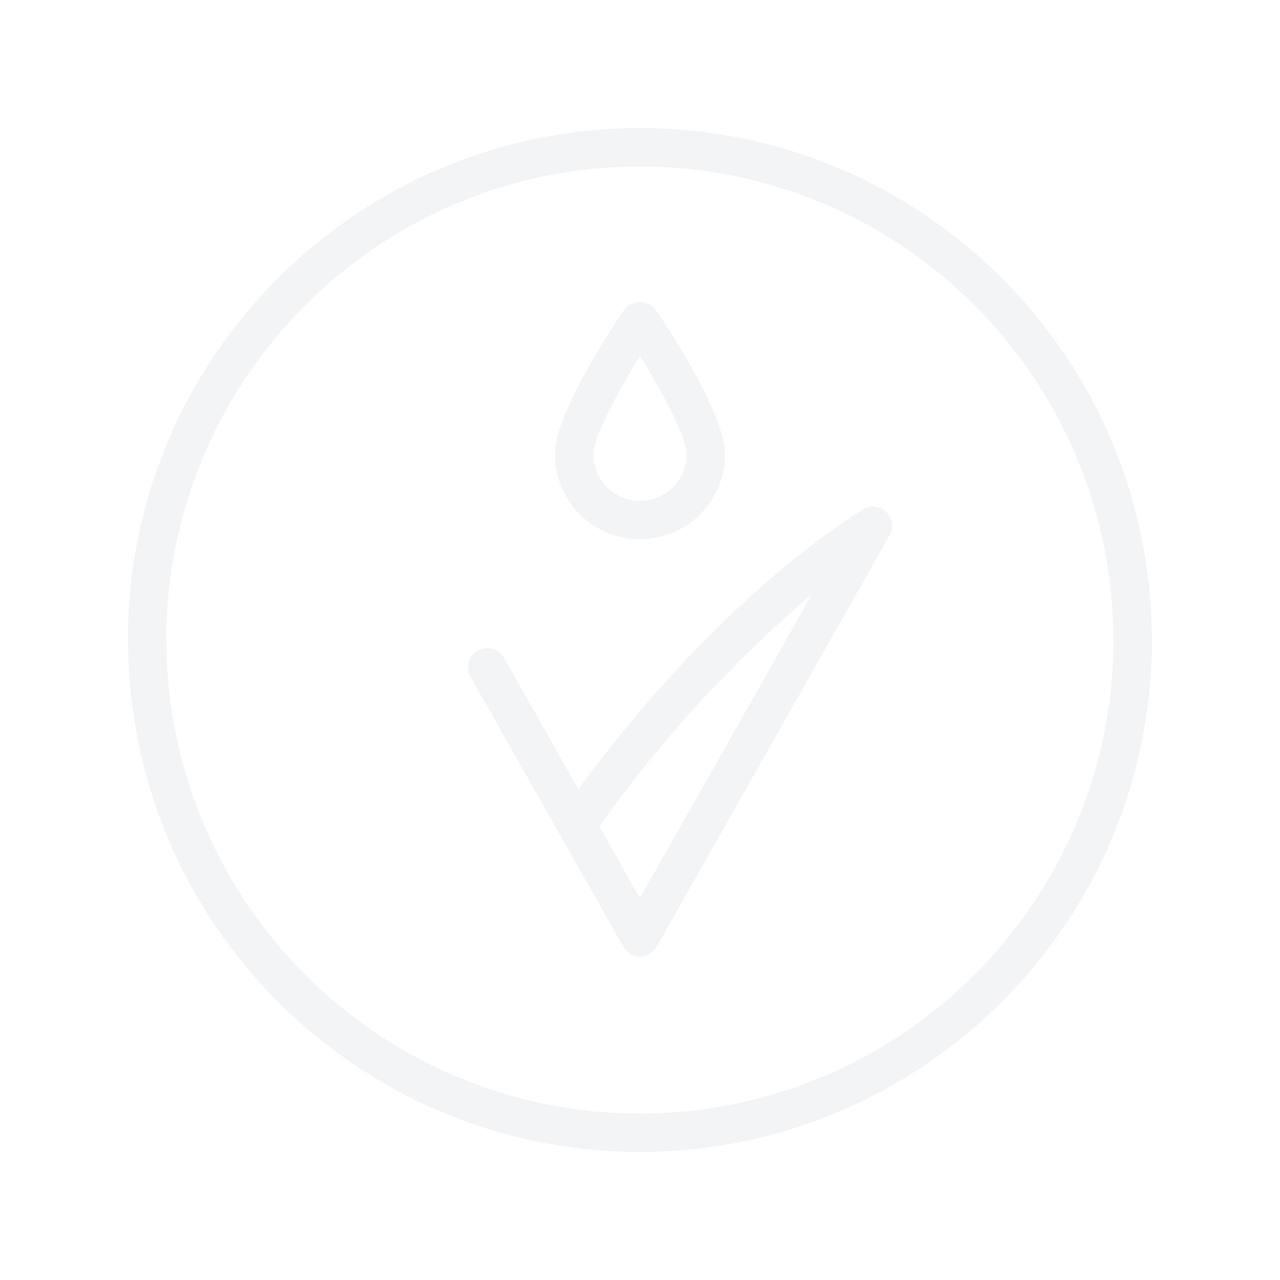 NARCISO RODRIGUEZ Narciso Poudree 50ml Eau De Parfum Gift Set